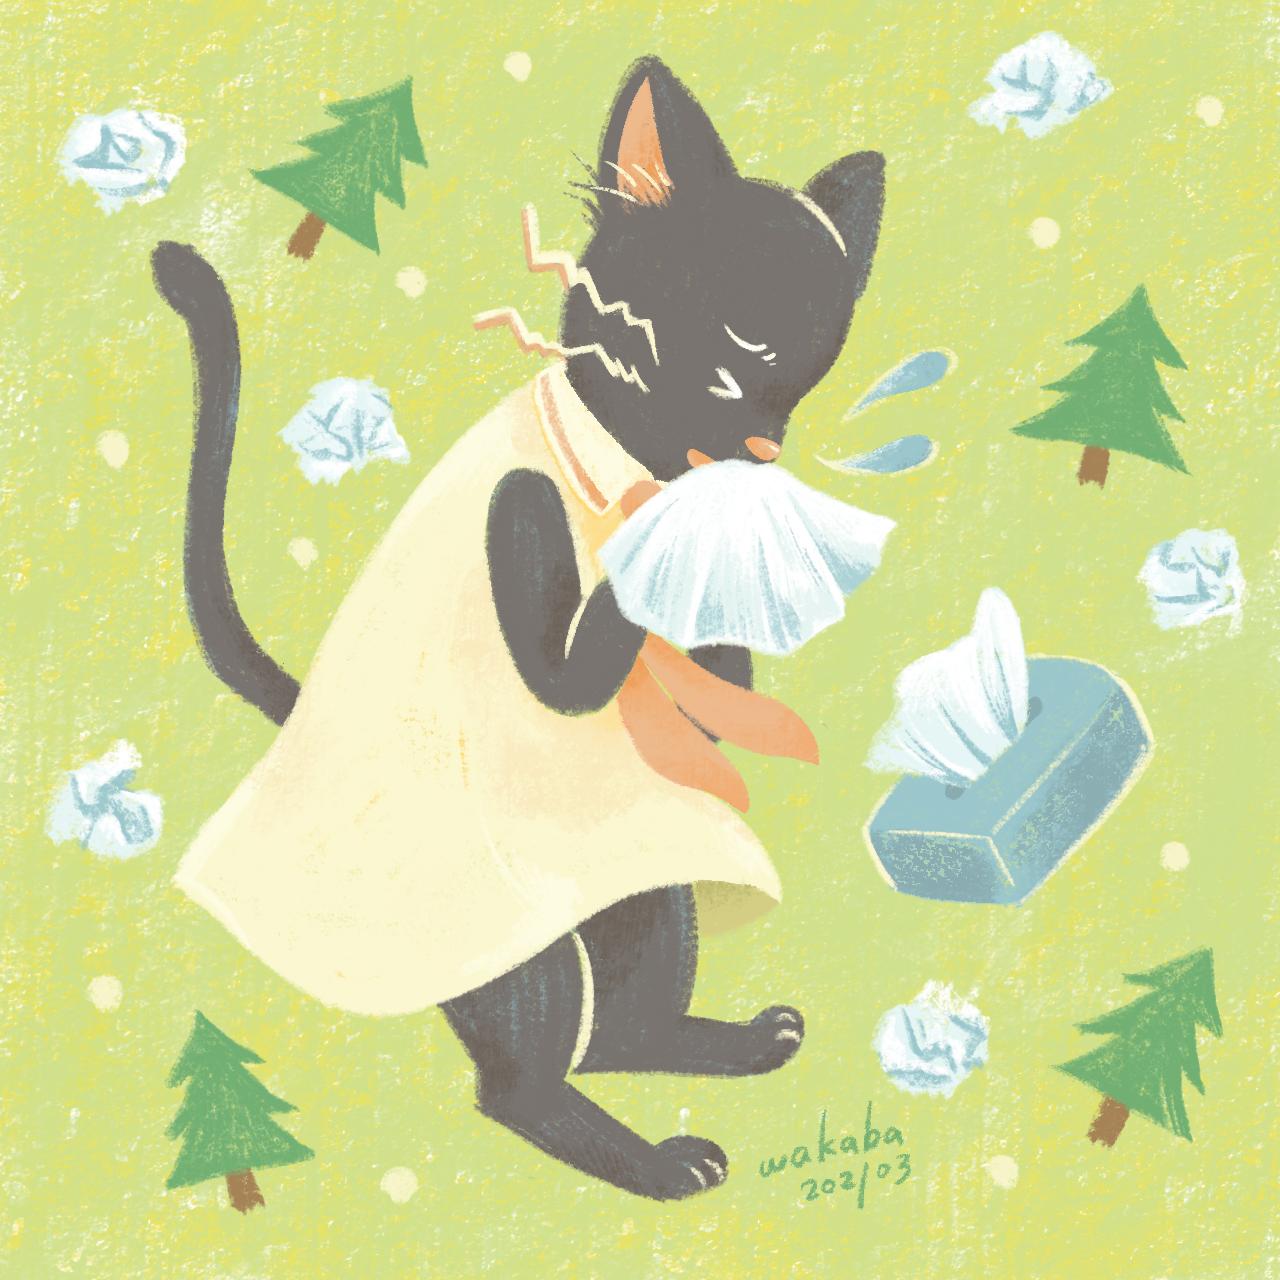 花粉症が辛い猫のイラスト